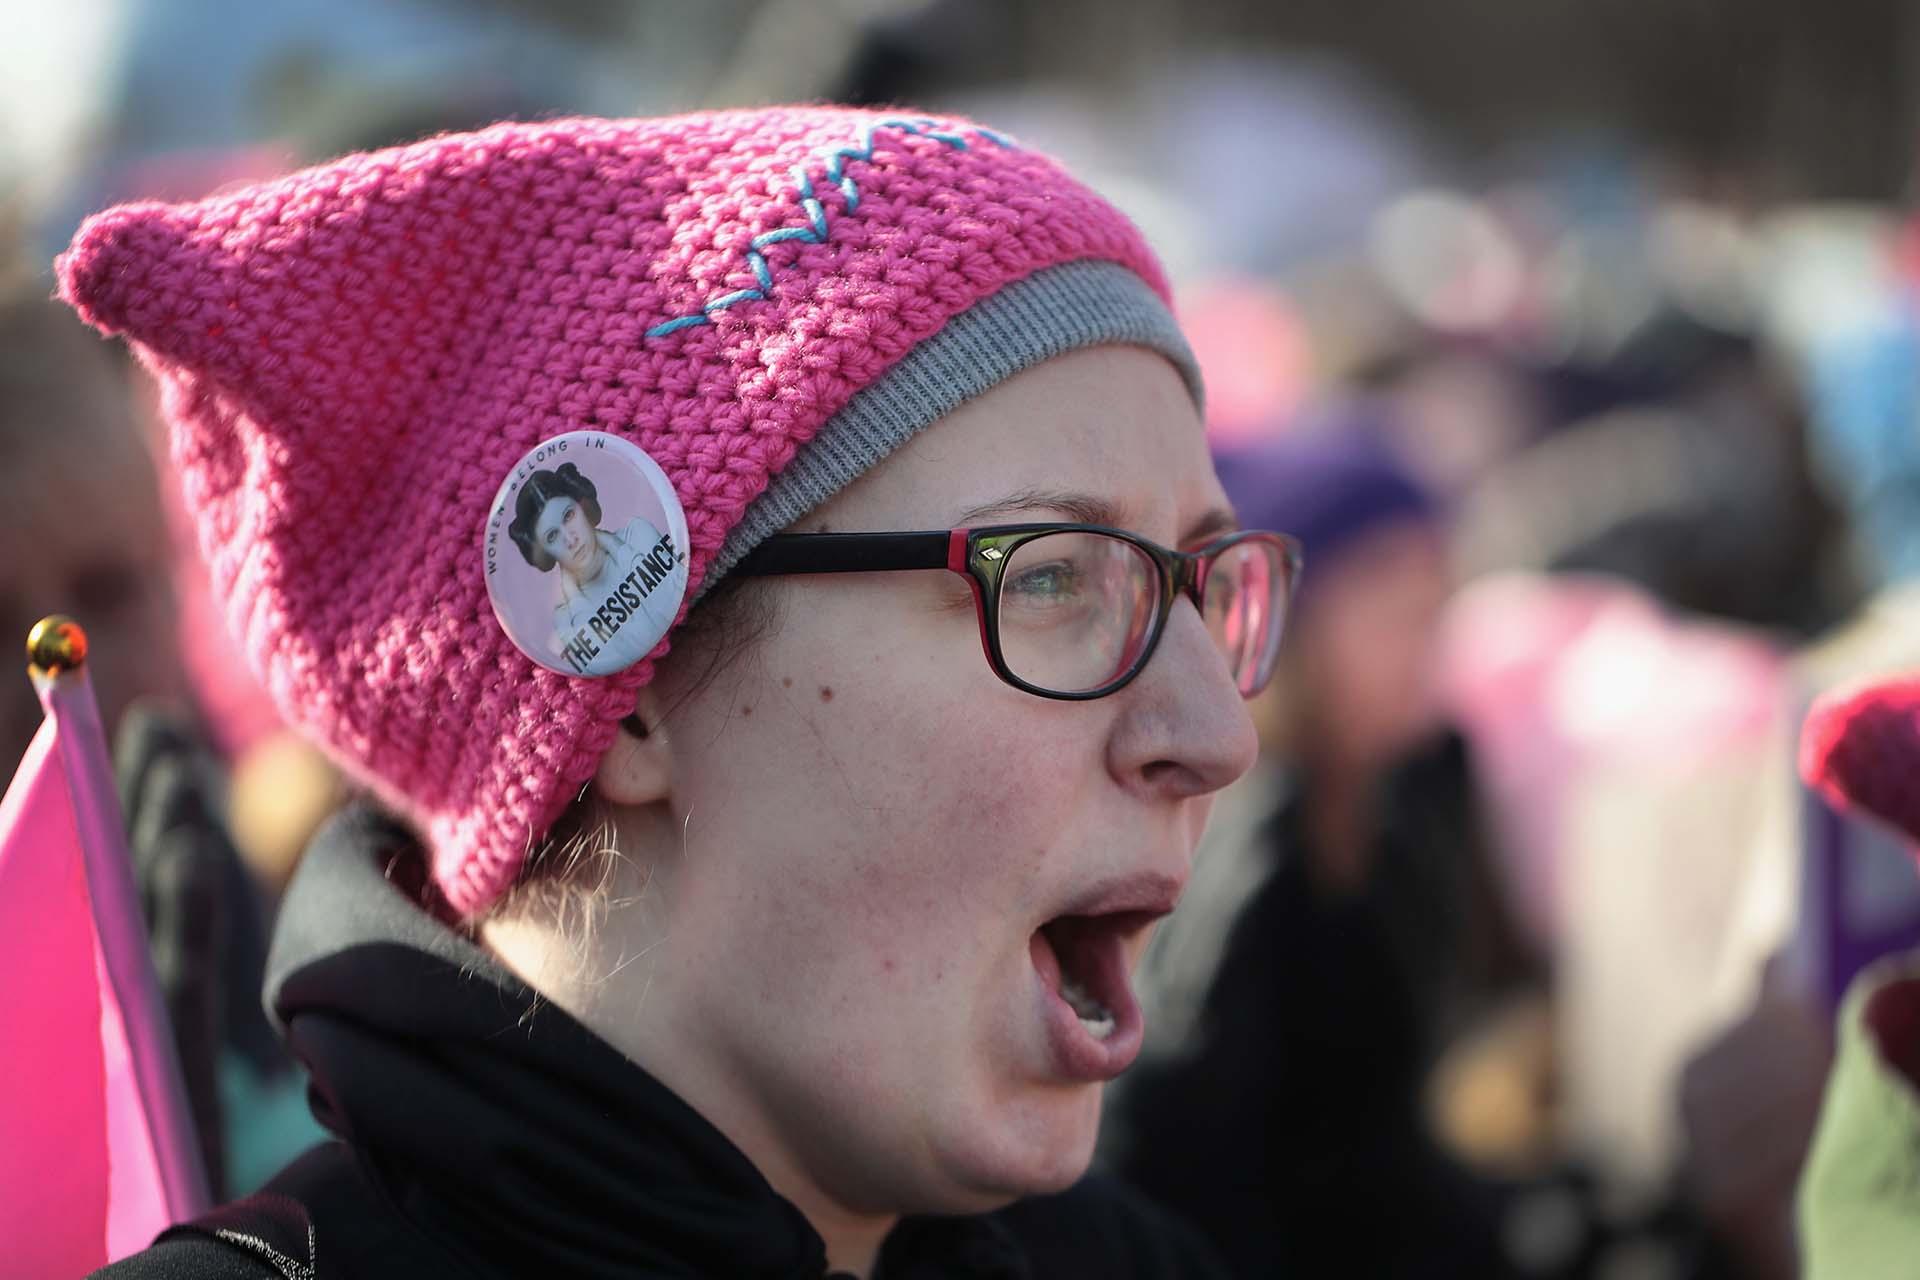 Chicago también fue centro de protestas este sábado(Scott Olson/Getty Images/AFP)